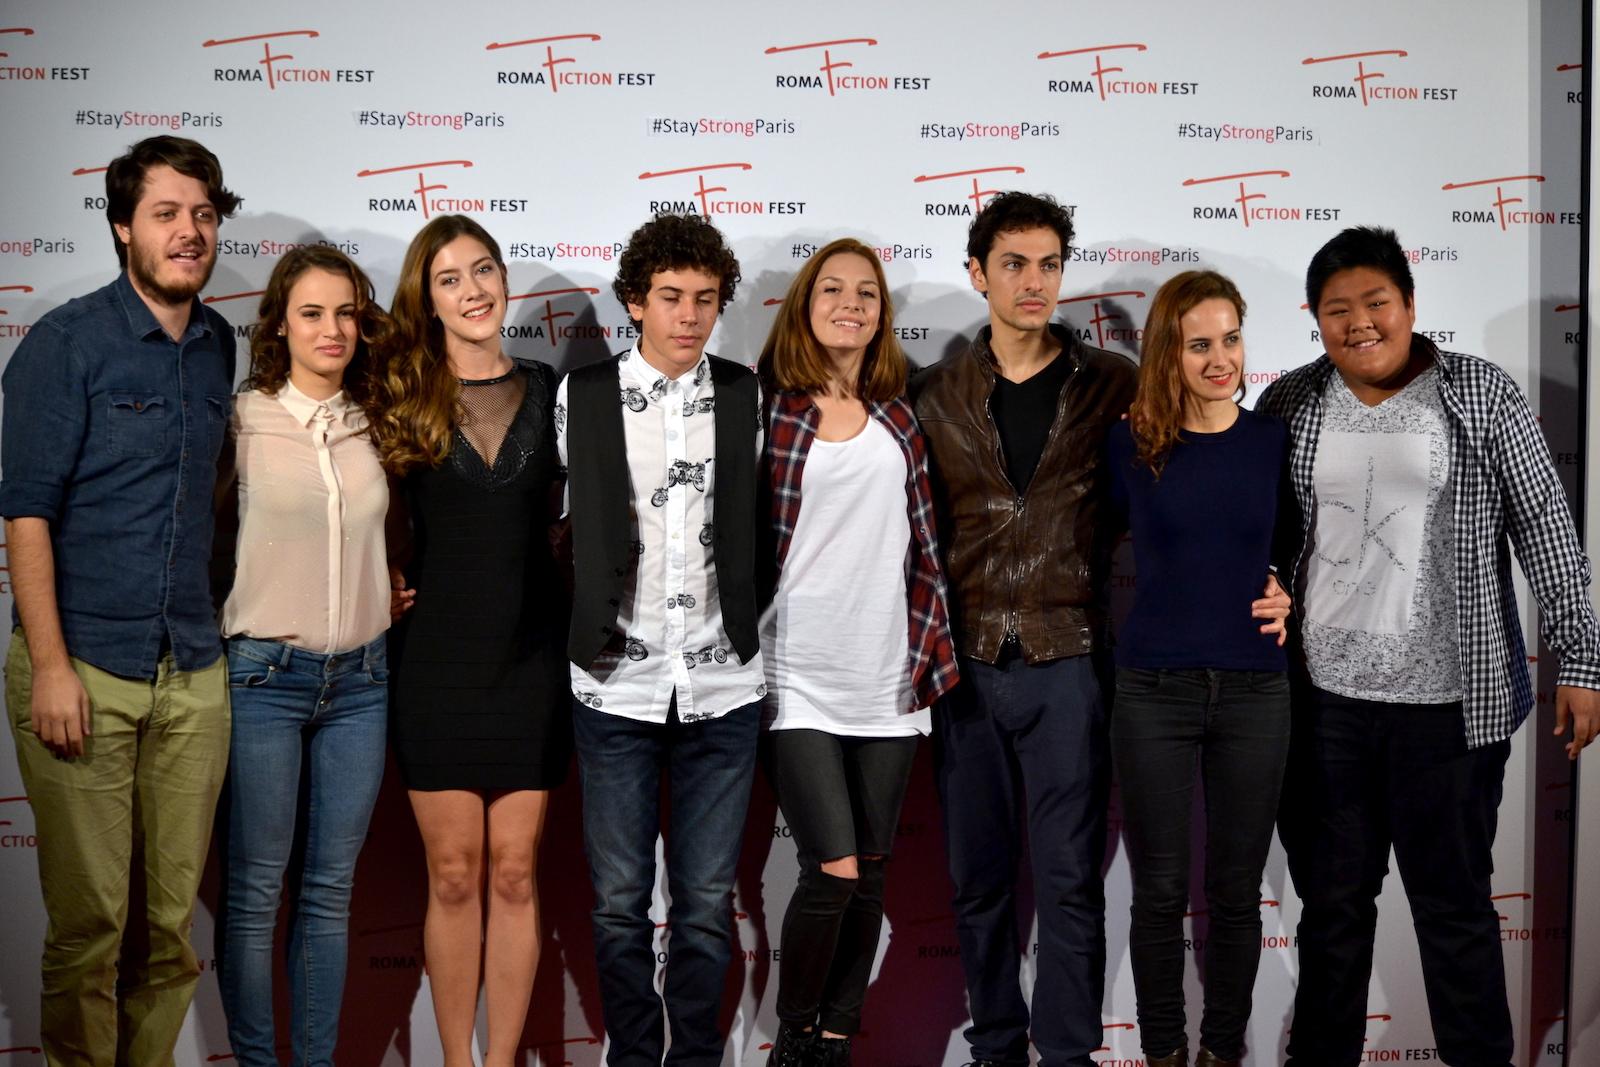 """Roma Fiction Fest 2015: Claudio Di Biagio, Mirko Trovato, Clara Alonso, Tommaso Renzoni, Nicola Serra al photocall di """"Lontana da me"""""""